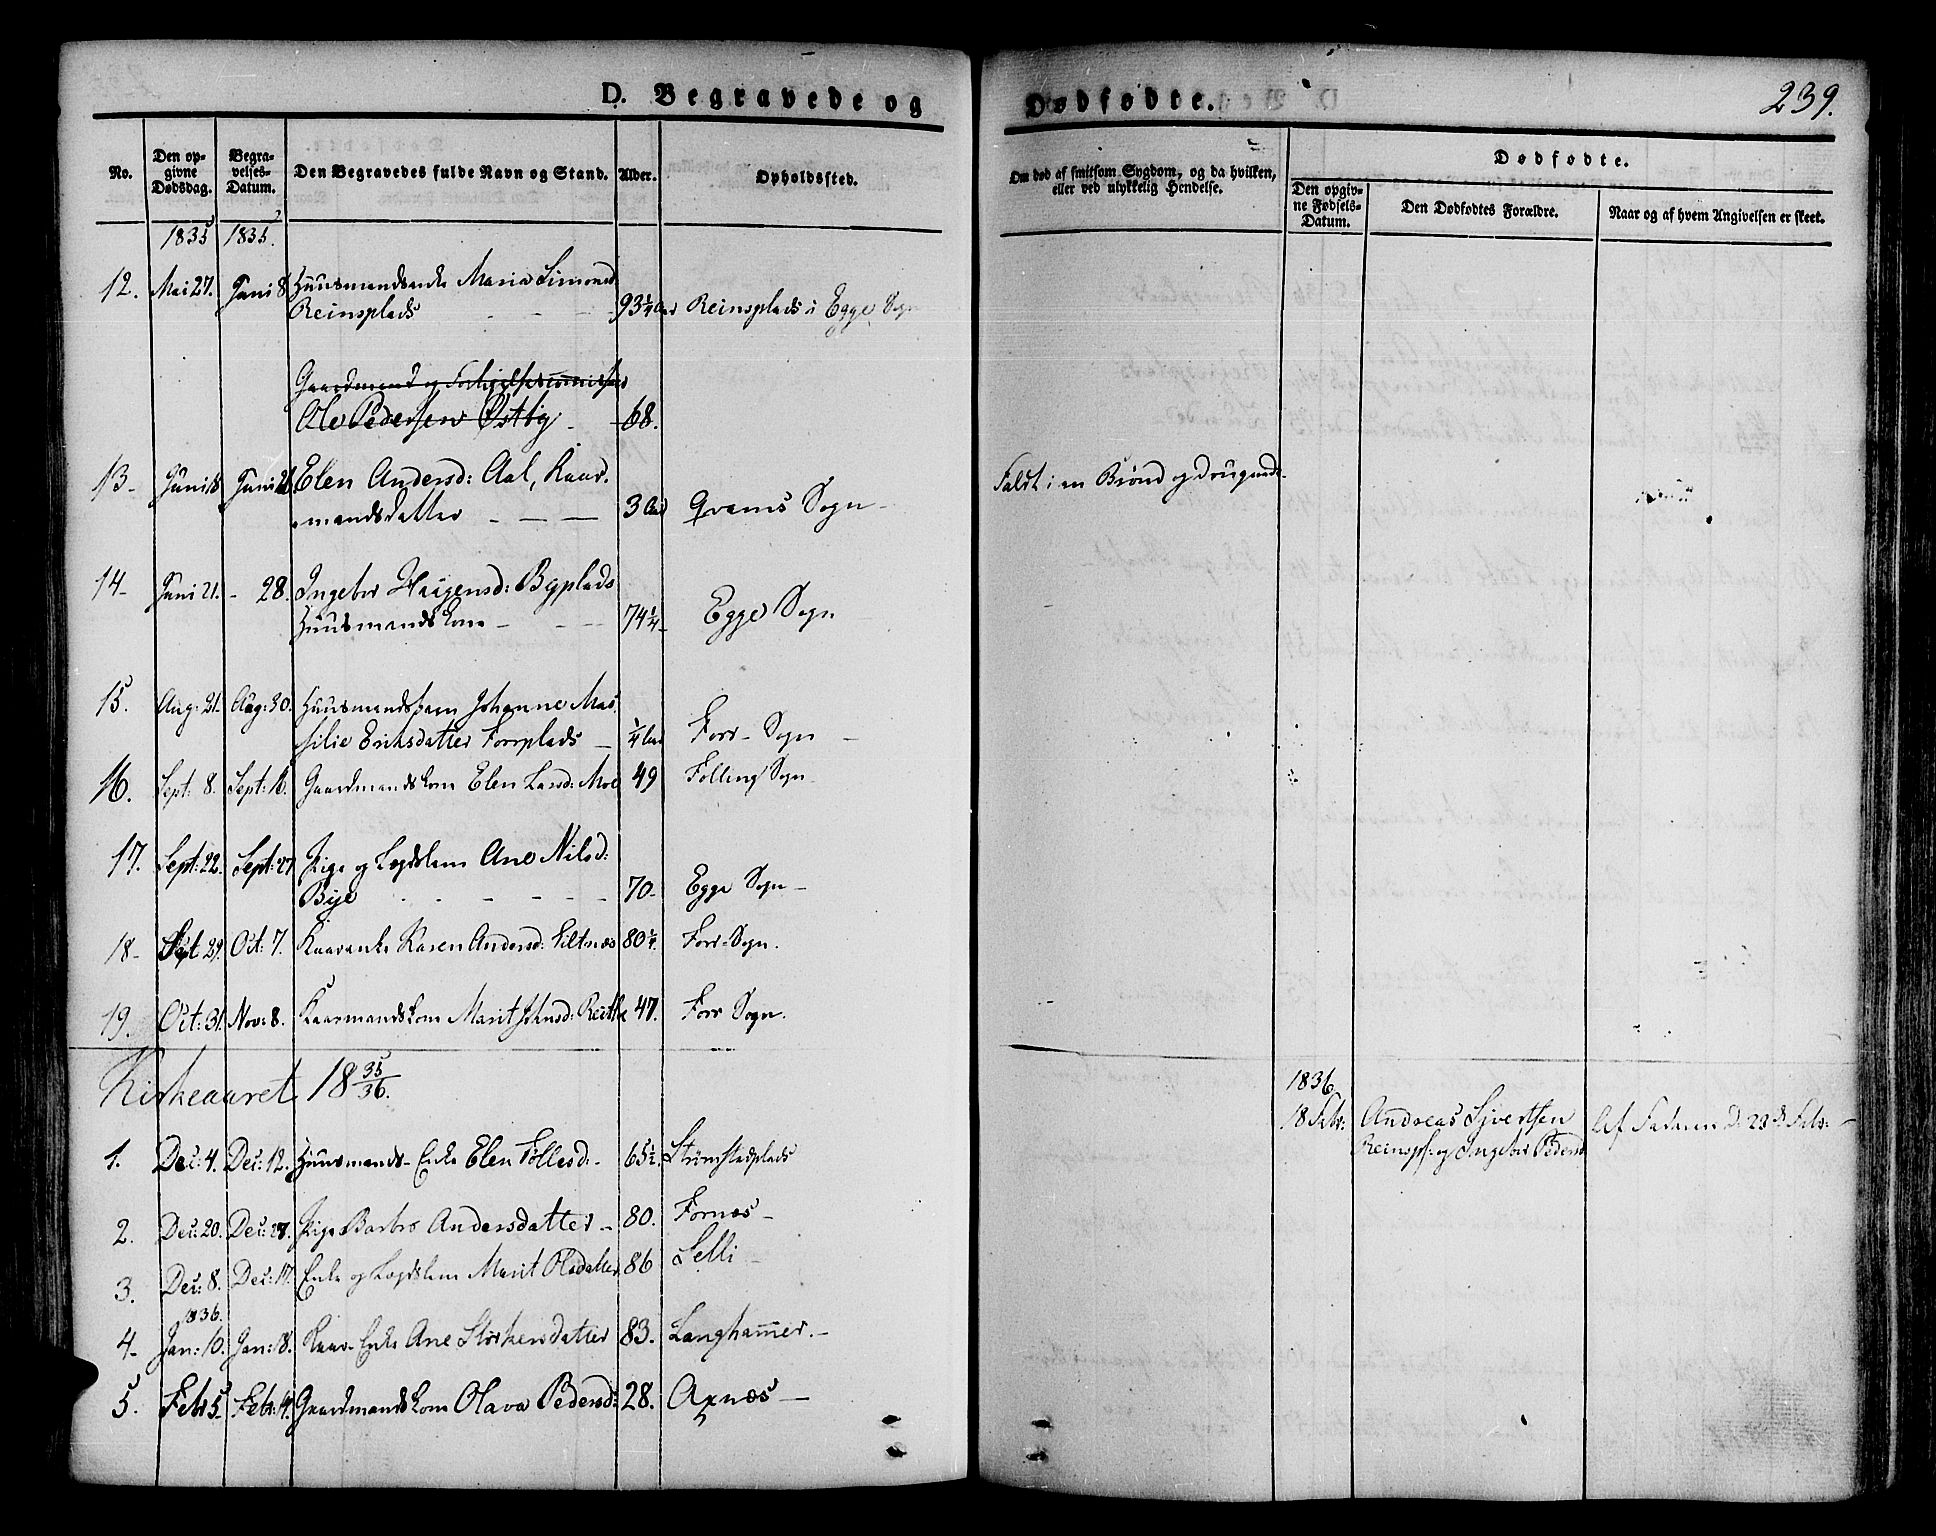 SAT, Ministerialprotokoller, klokkerbøker og fødselsregistre - Nord-Trøndelag, 746/L0445: Ministerialbok nr. 746A04, 1826-1846, s. 239